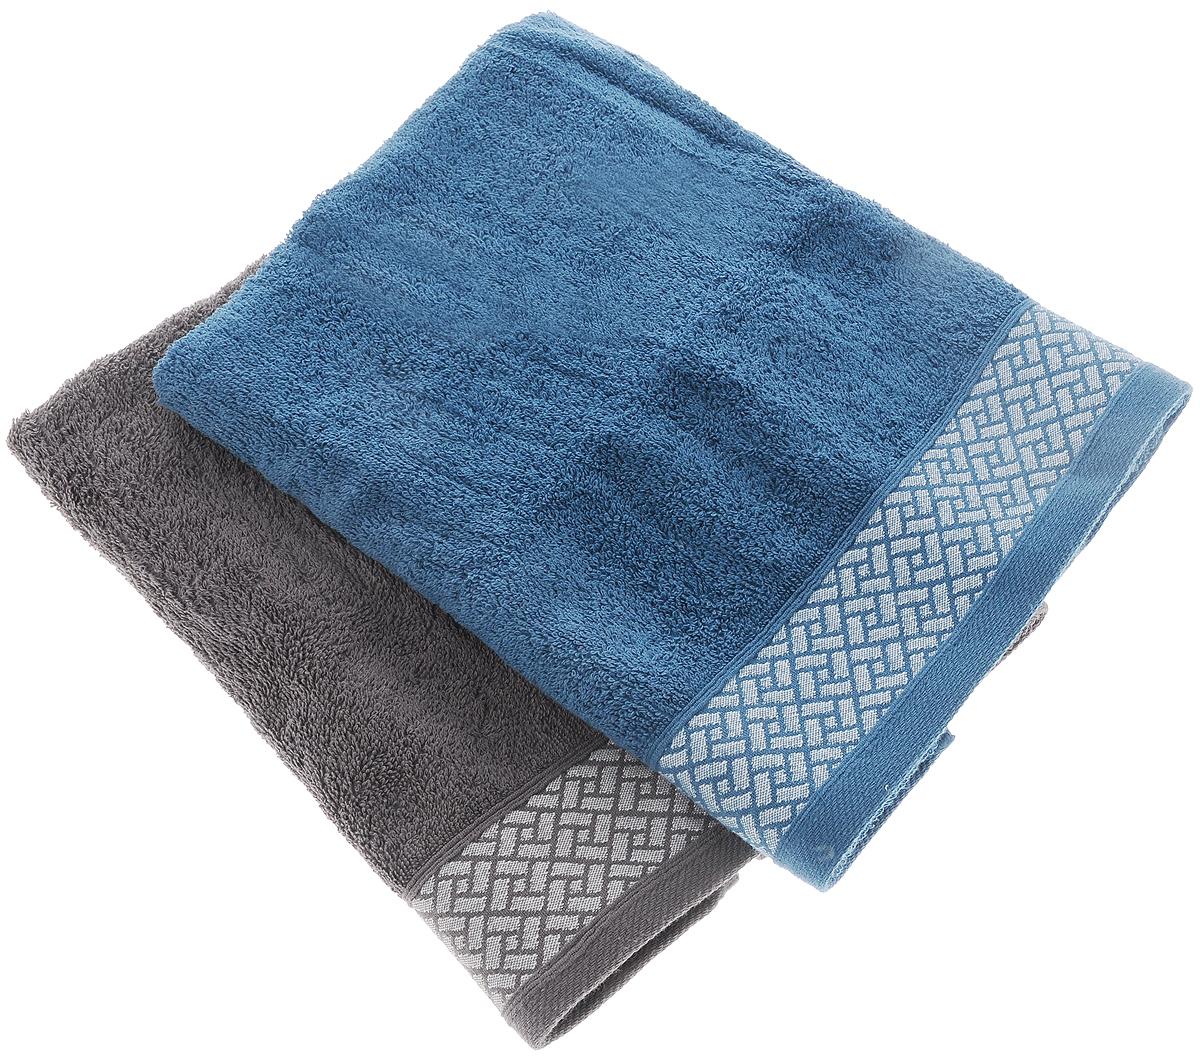 Набор полотенец Tete-a-Tete Лабиринт, цвет: серый, синий, 50 х 90 см, 2 шт1004900000360Набор Tete-a-Tete Лабиринт состоит из двух махровых полотенец, выполненных из натурального 100% хлопка. Бордюр полотенец декорирован геометрическим узором. Изделия мягкие, отлично впитывают влагу, быстро сохнут, сохраняют яркость цвета и не теряют форму даже после многократных стирок. Полотенца Tete-a-Tete Лабиринт очень практичны и неприхотливы в уходе. Они легко впишутся в любой интерьер благодаря своей нежной цветовой гамме. Набор упакован в красивую коробку и может послужить отличной идеей подарка.Размер полотенец: 50 х 90 см.